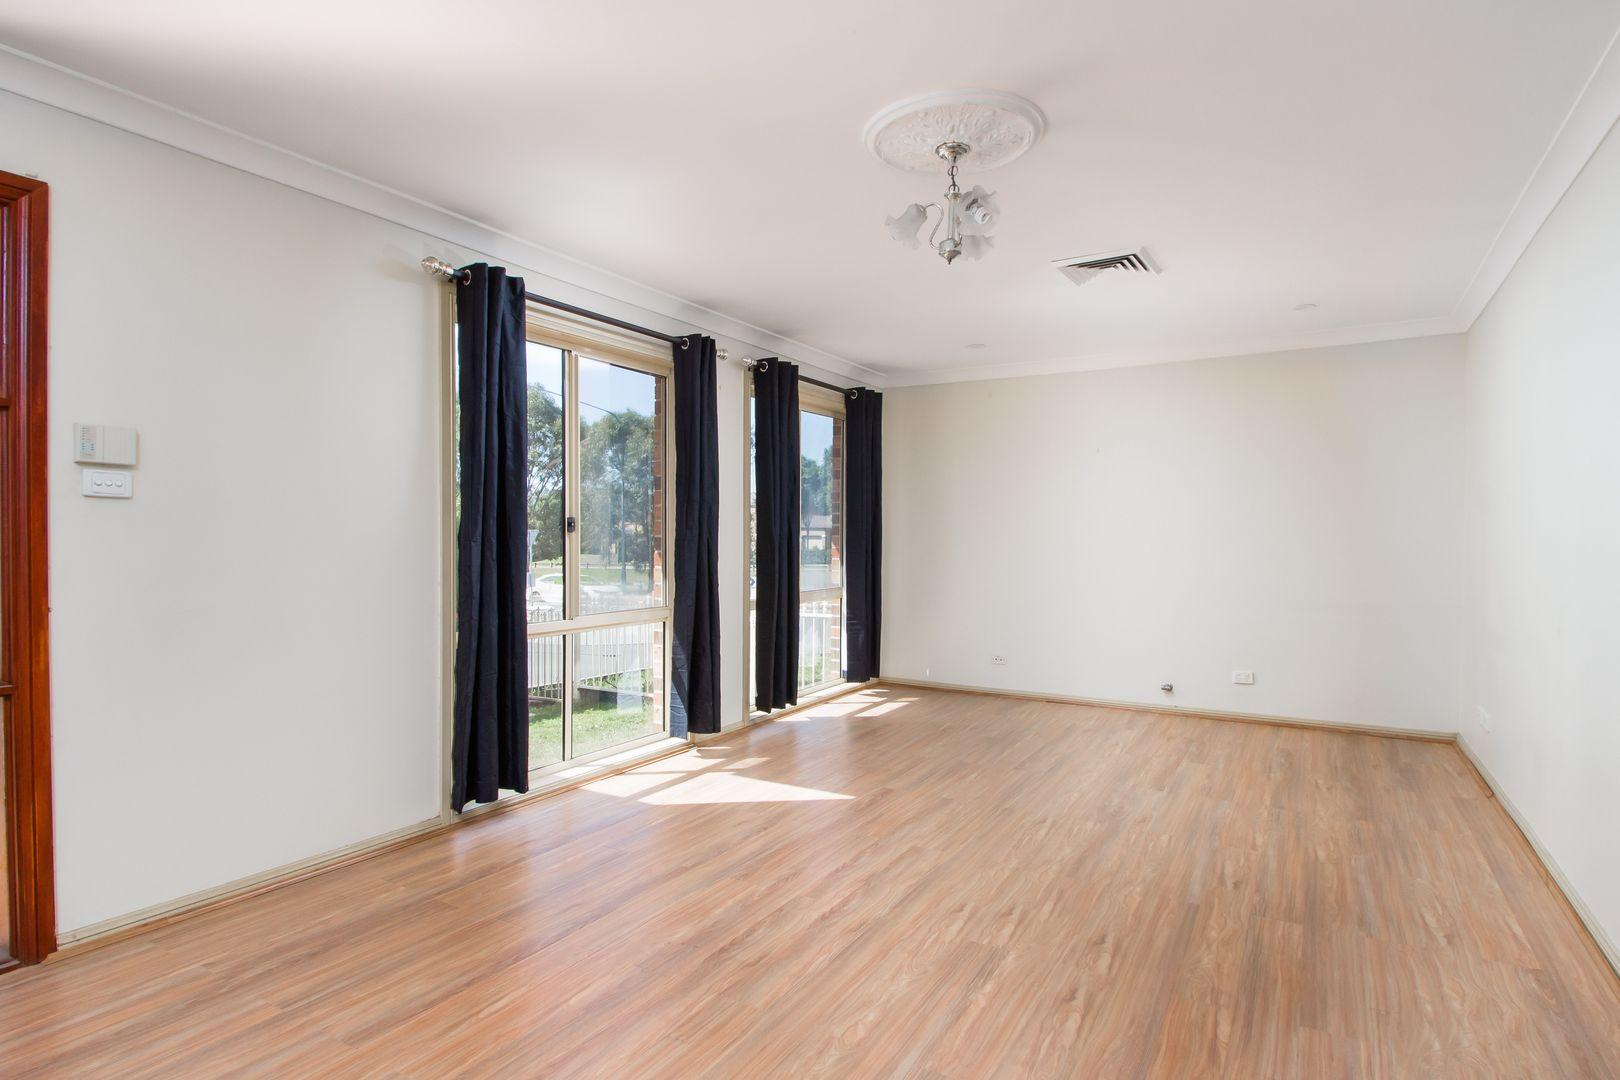 100 Forman Avenue, Glenwood NSW 2768, Image 1